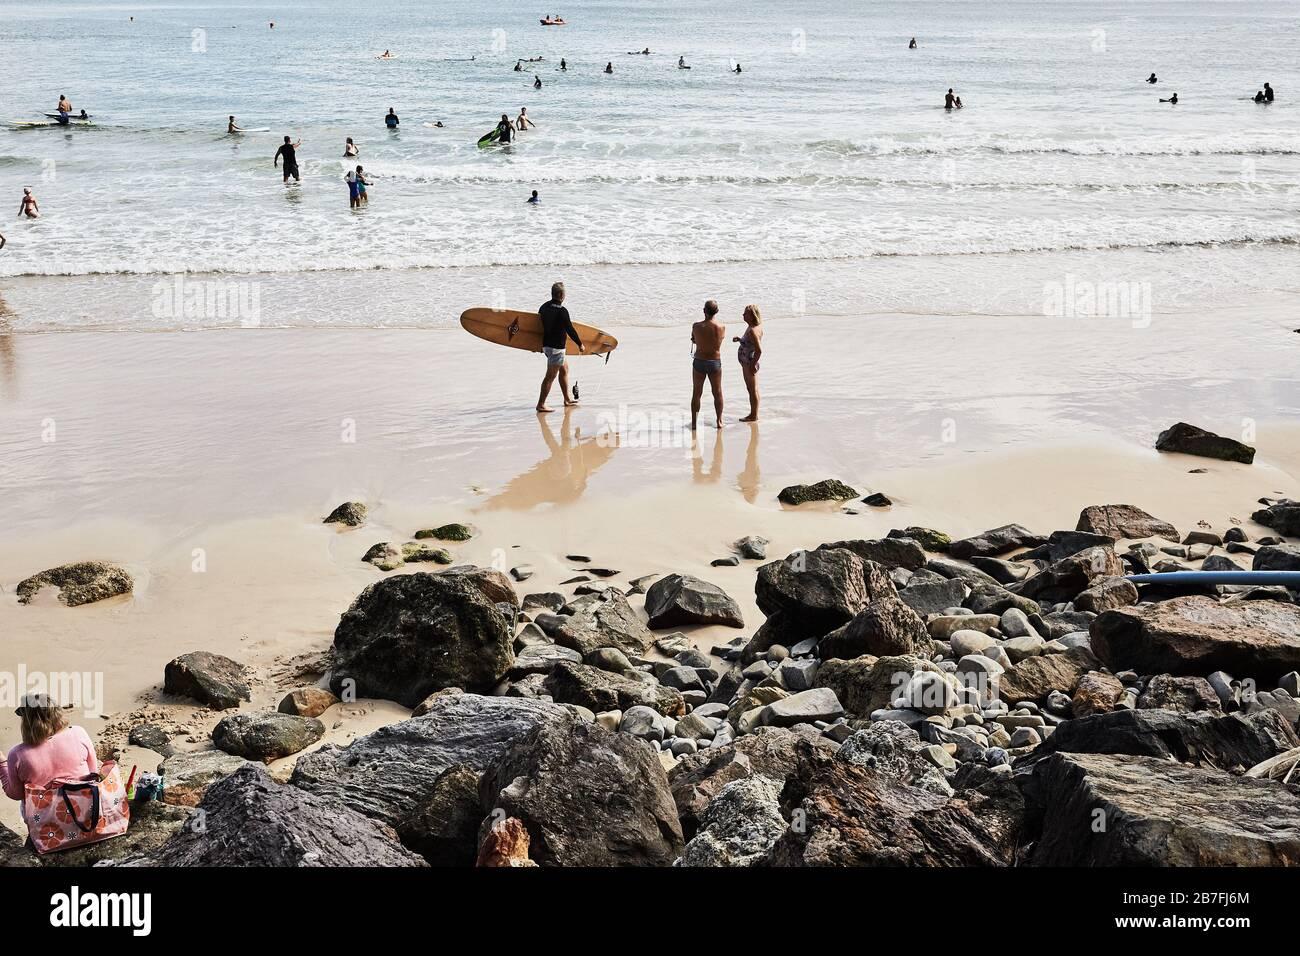 Multitud de personas disfrutando del sol, el surf y la vida en Noosa Main Beach, Queensland, Australia Foto de stock